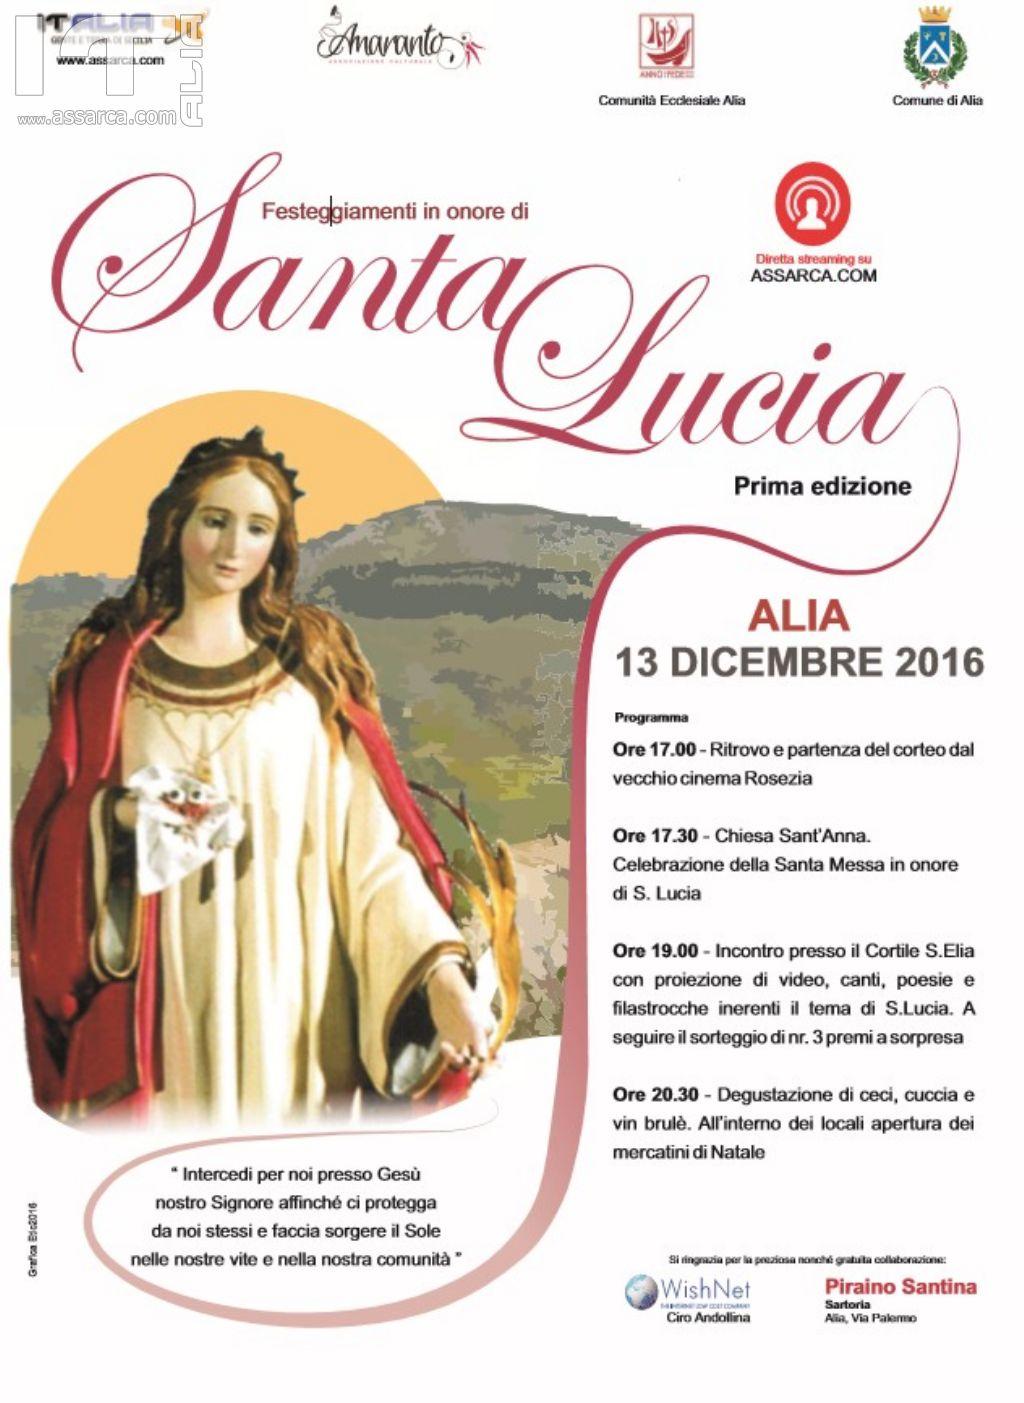 Alia, al via i festeggiamenti in onore di Santa Lucia